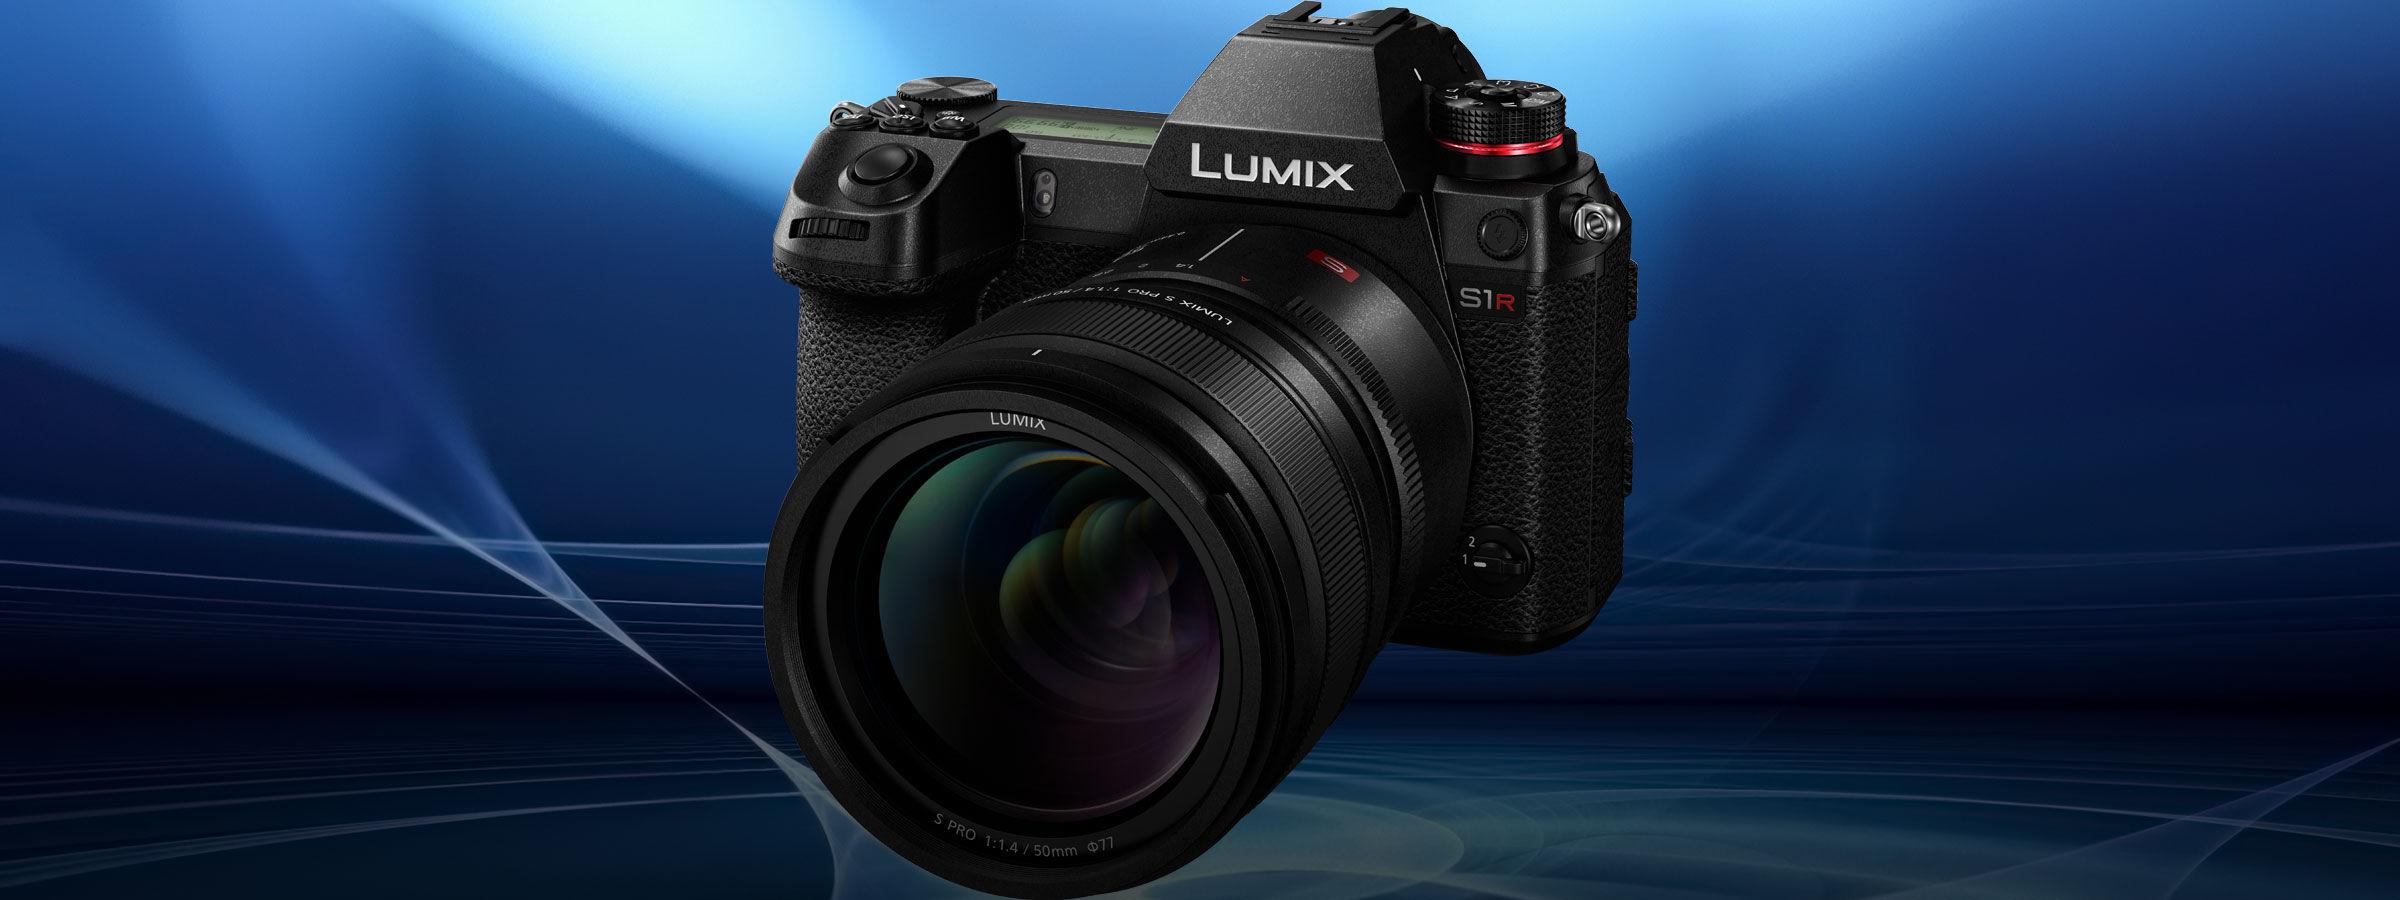 Panasonic Launches New LUMIX S Series Full-frame Mirrorless